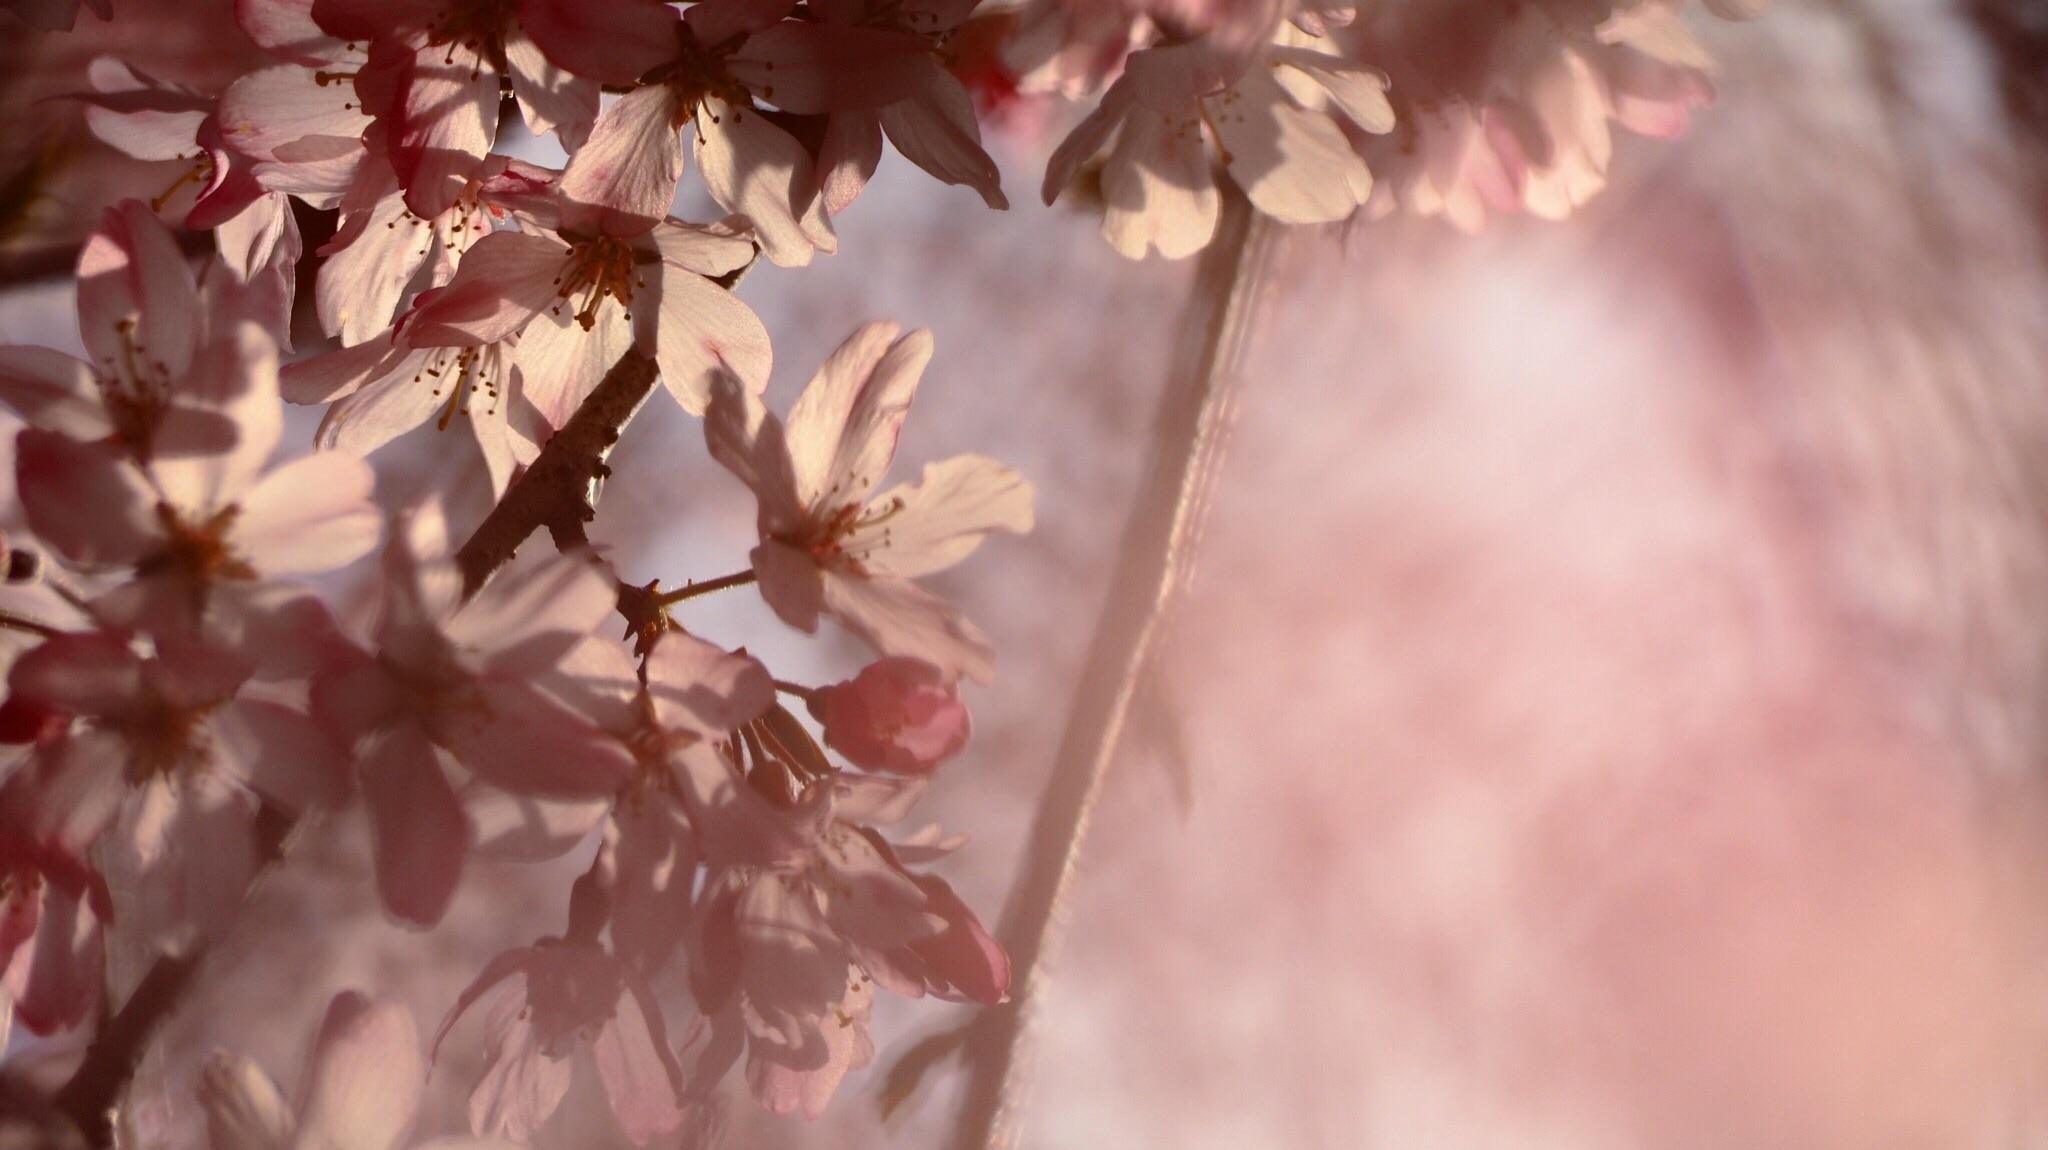 f:id:asparadiseki:20170405000940j:image